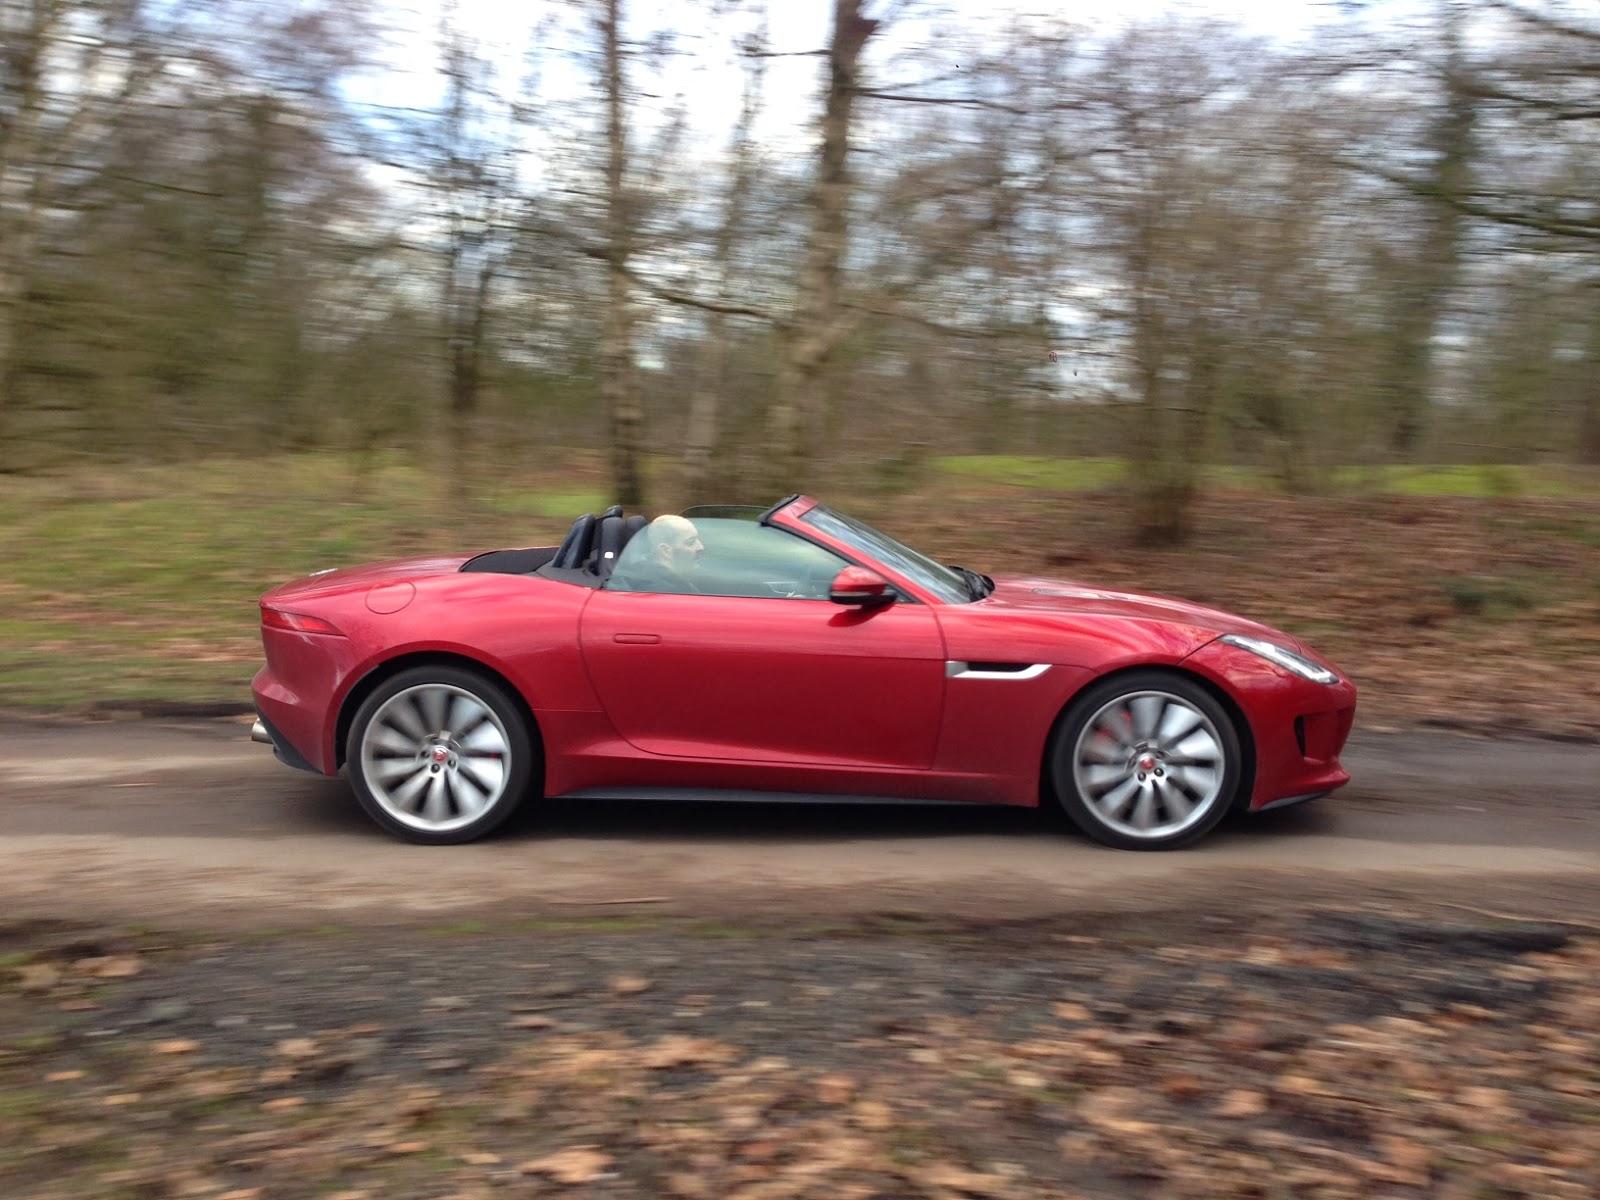 2014 Jaguar F-Type V8 S Convertible in Italian Racing Red